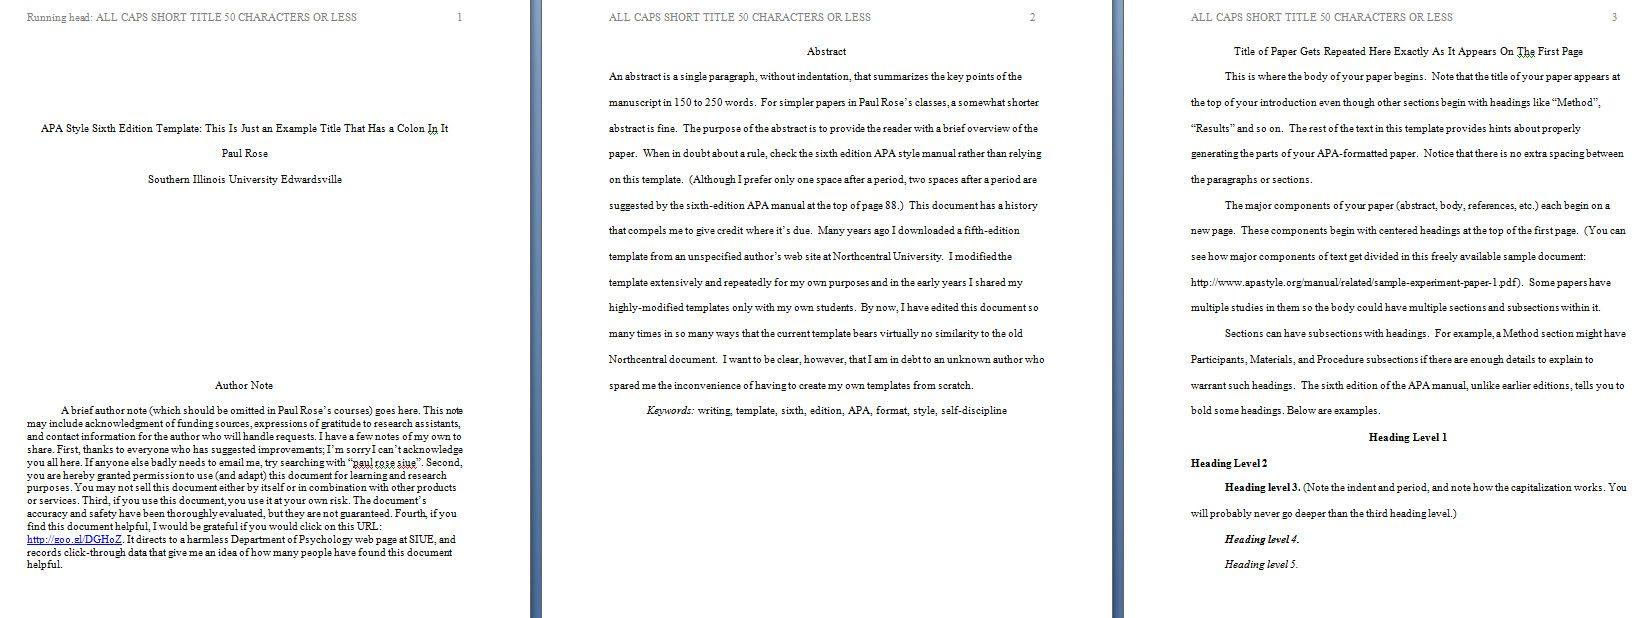 005 Apa Format Template Preview Essay Thatsnotus in Apa